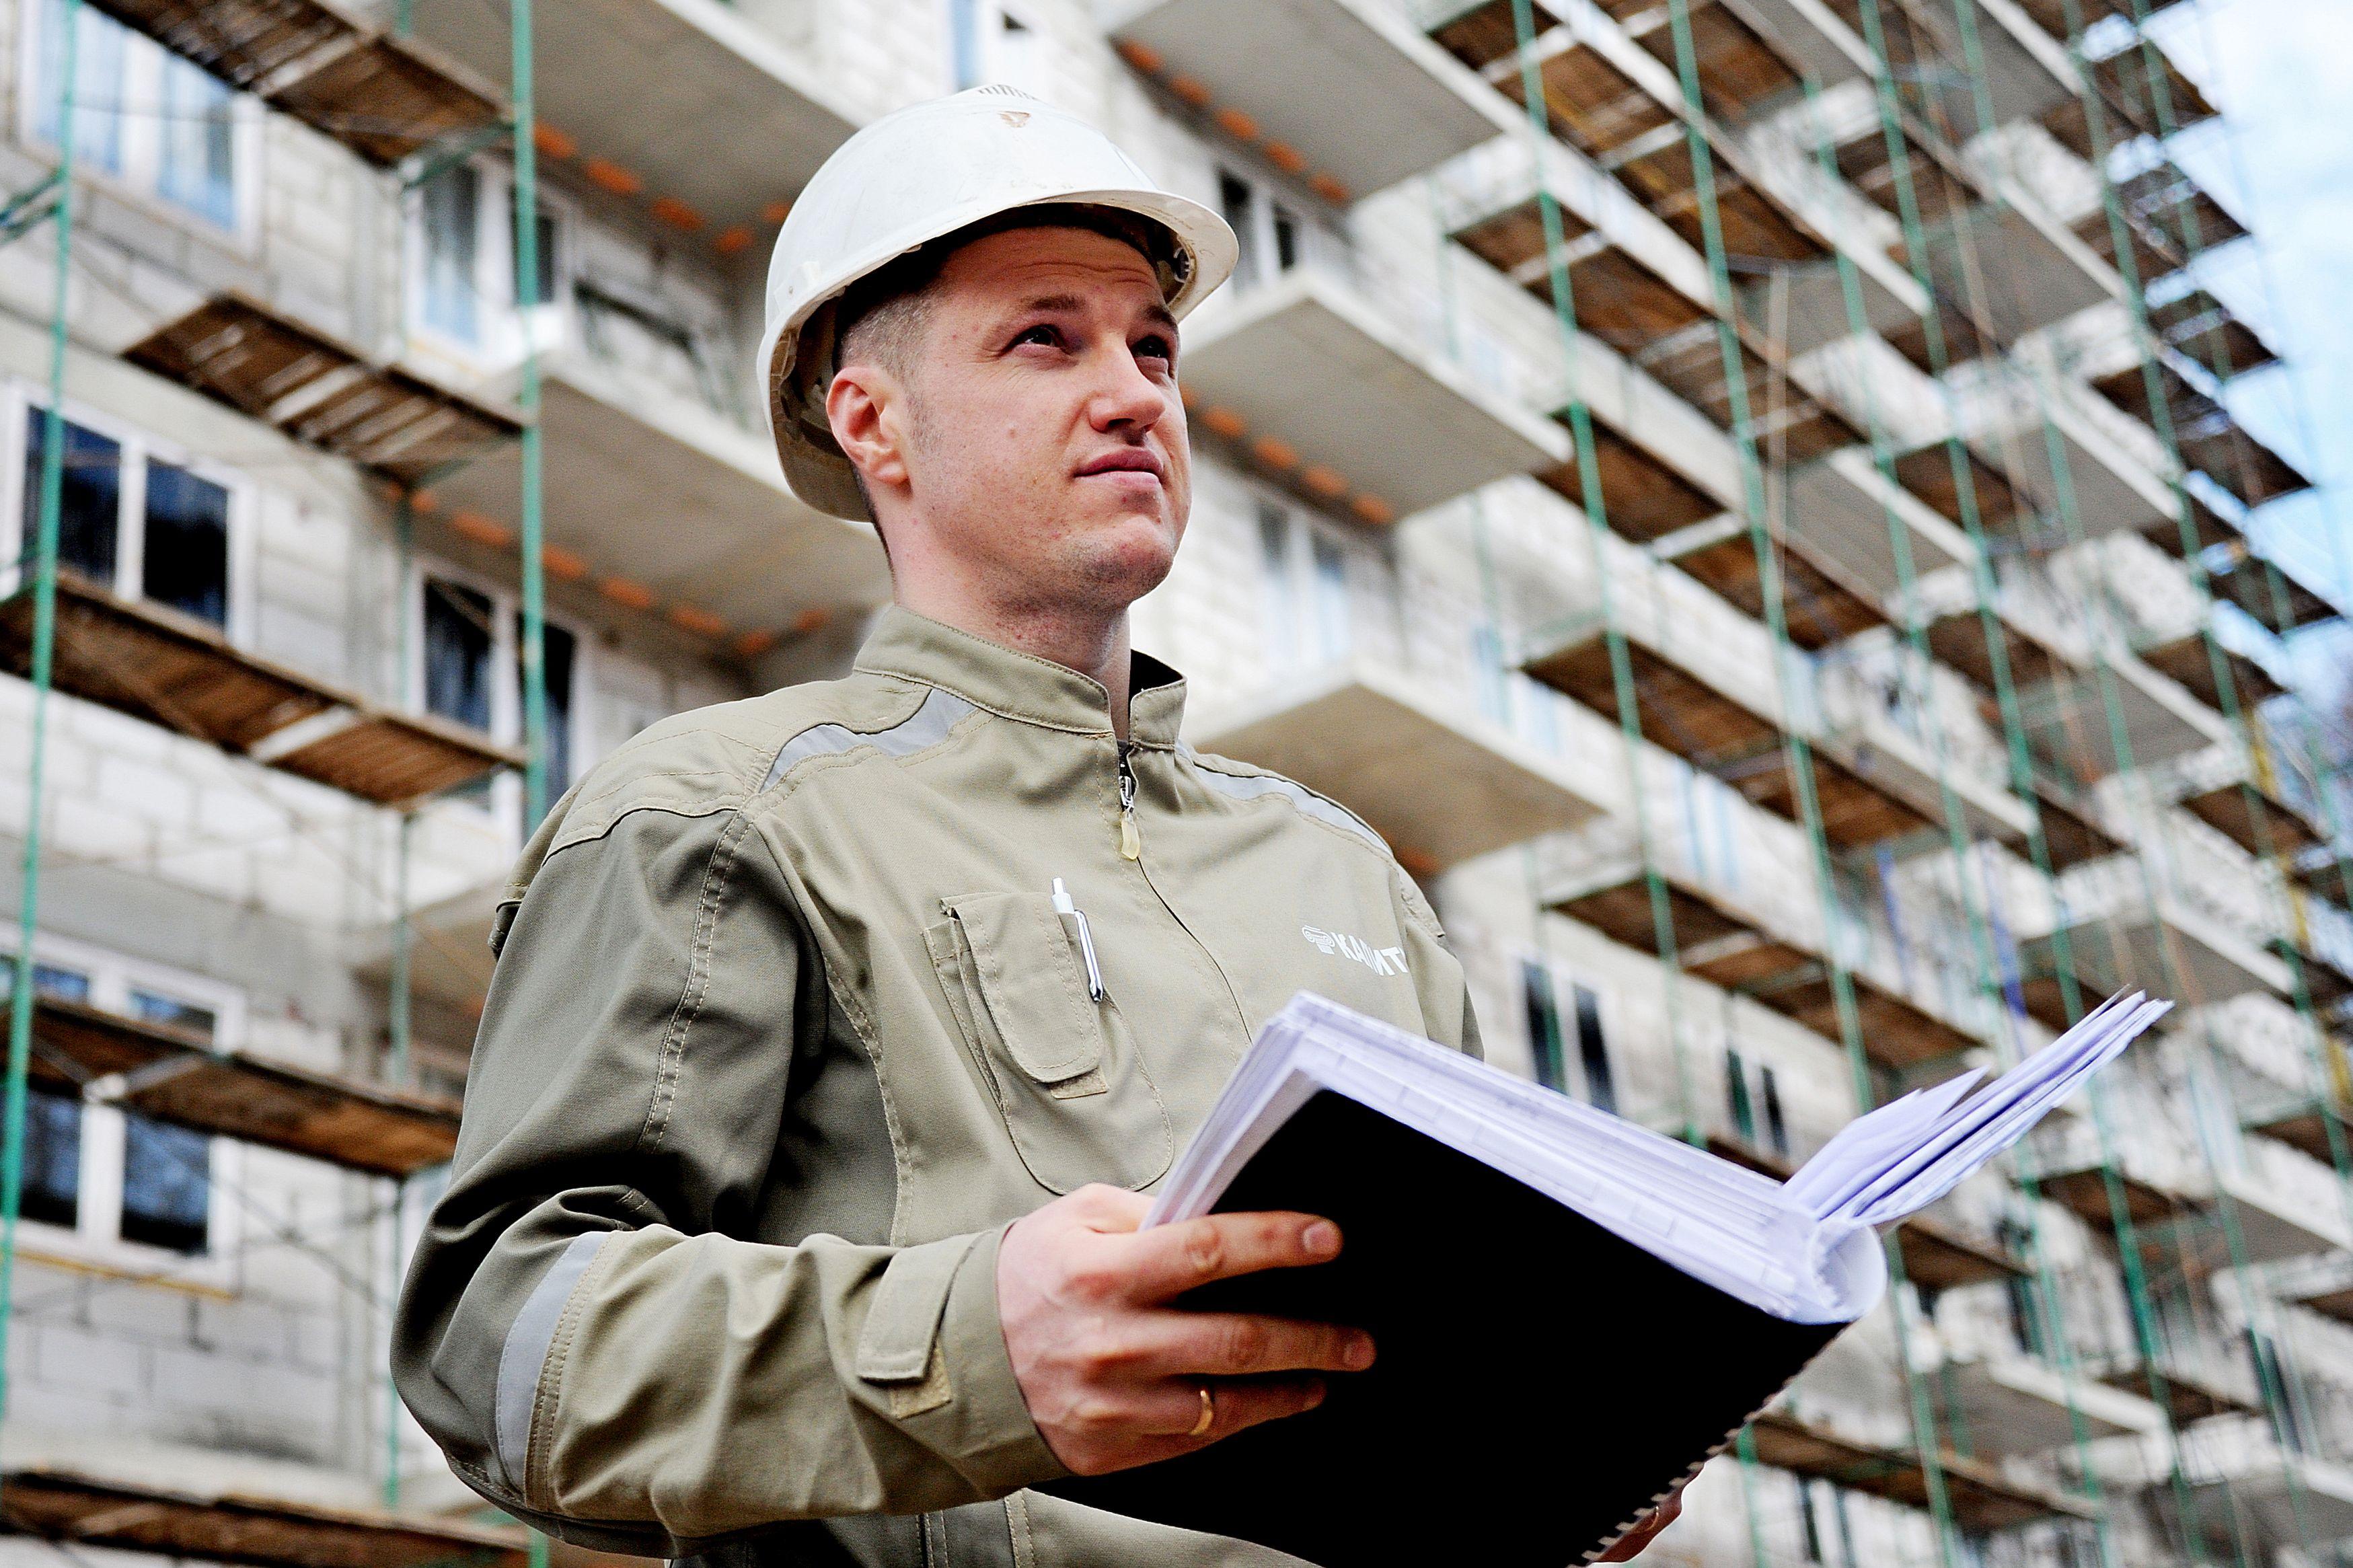 Свыше 400 проверок провели на строительных объектах в Новой Москве